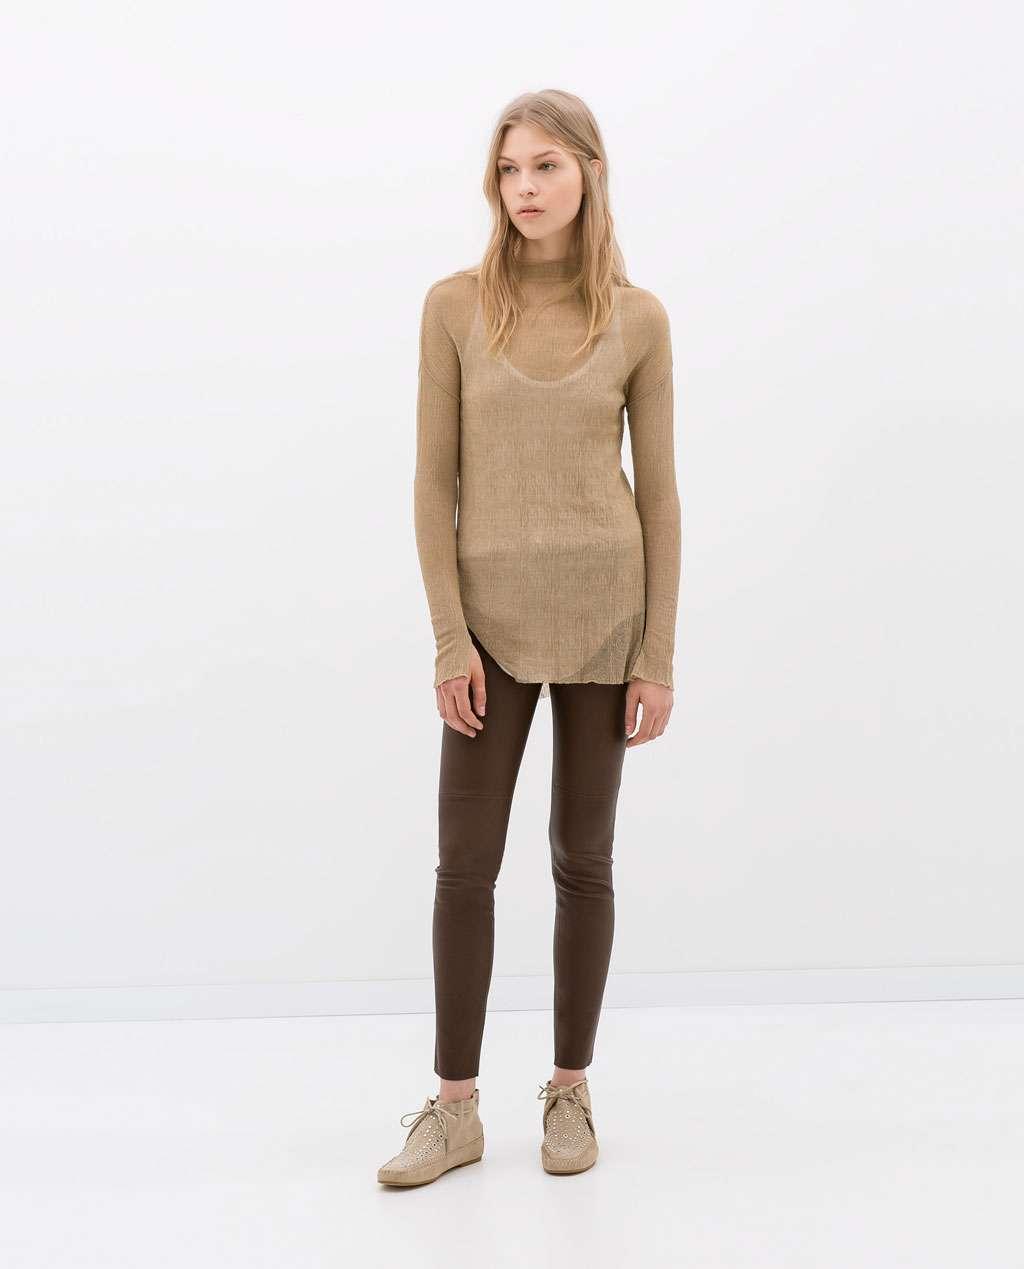 pantalon piel marron zara